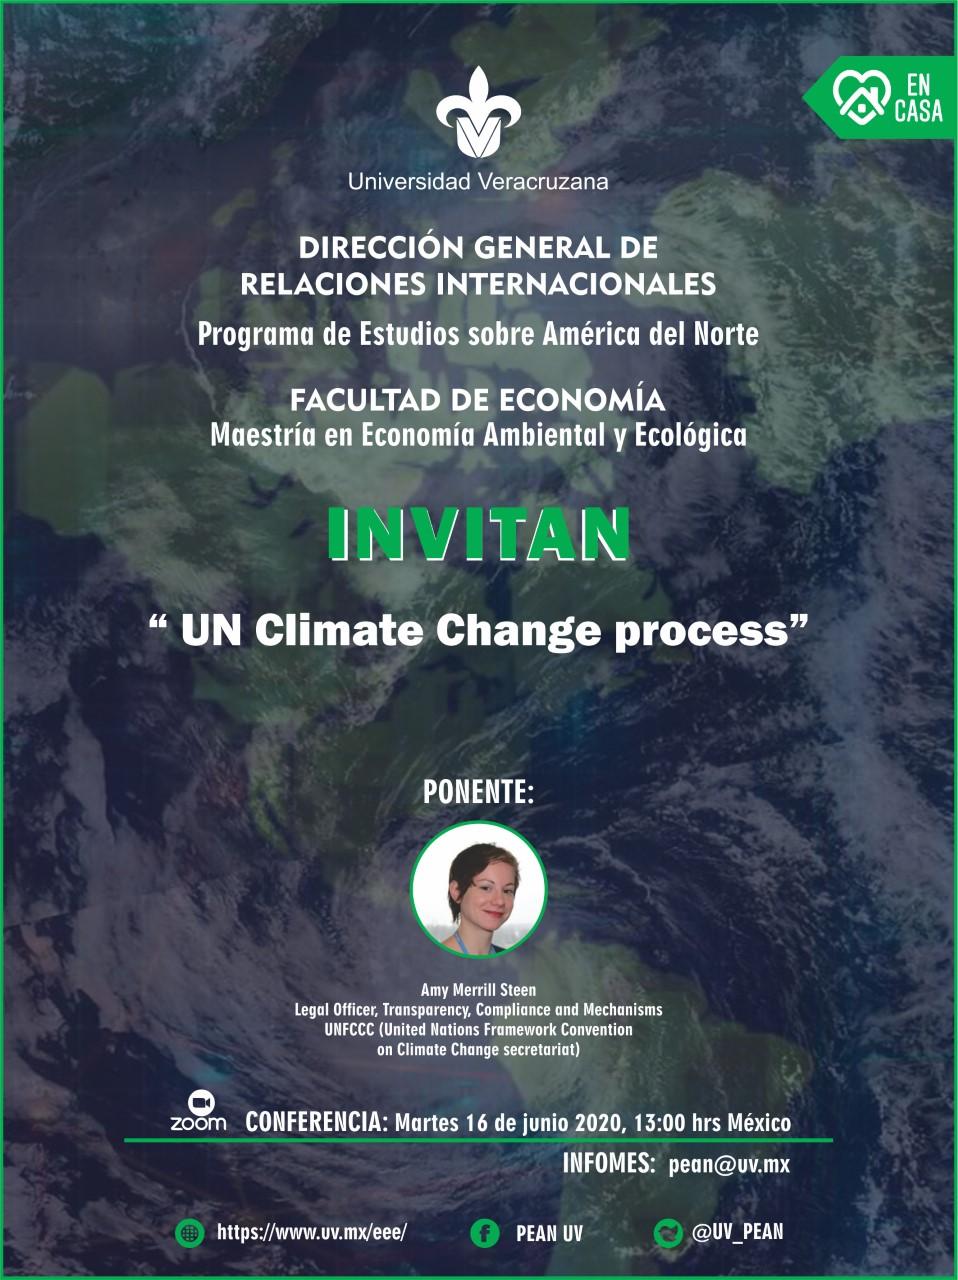 UN Climate change process